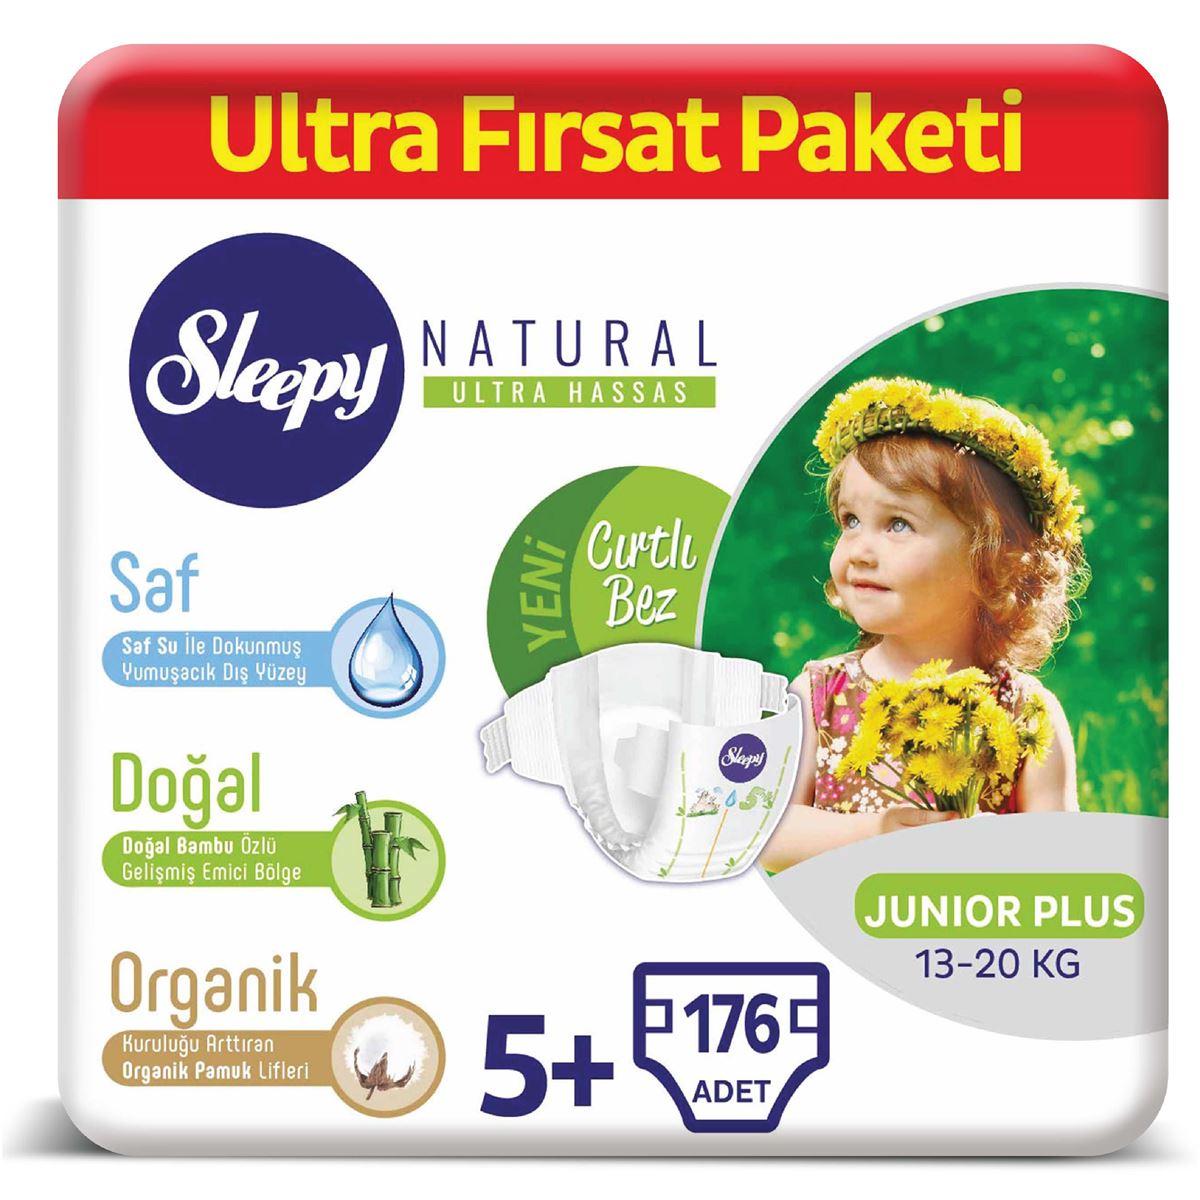 Sleepy Natural Bebek Bezi 5+ Numara Junior Plus Ultra Fırsat Paketi 176 Adet